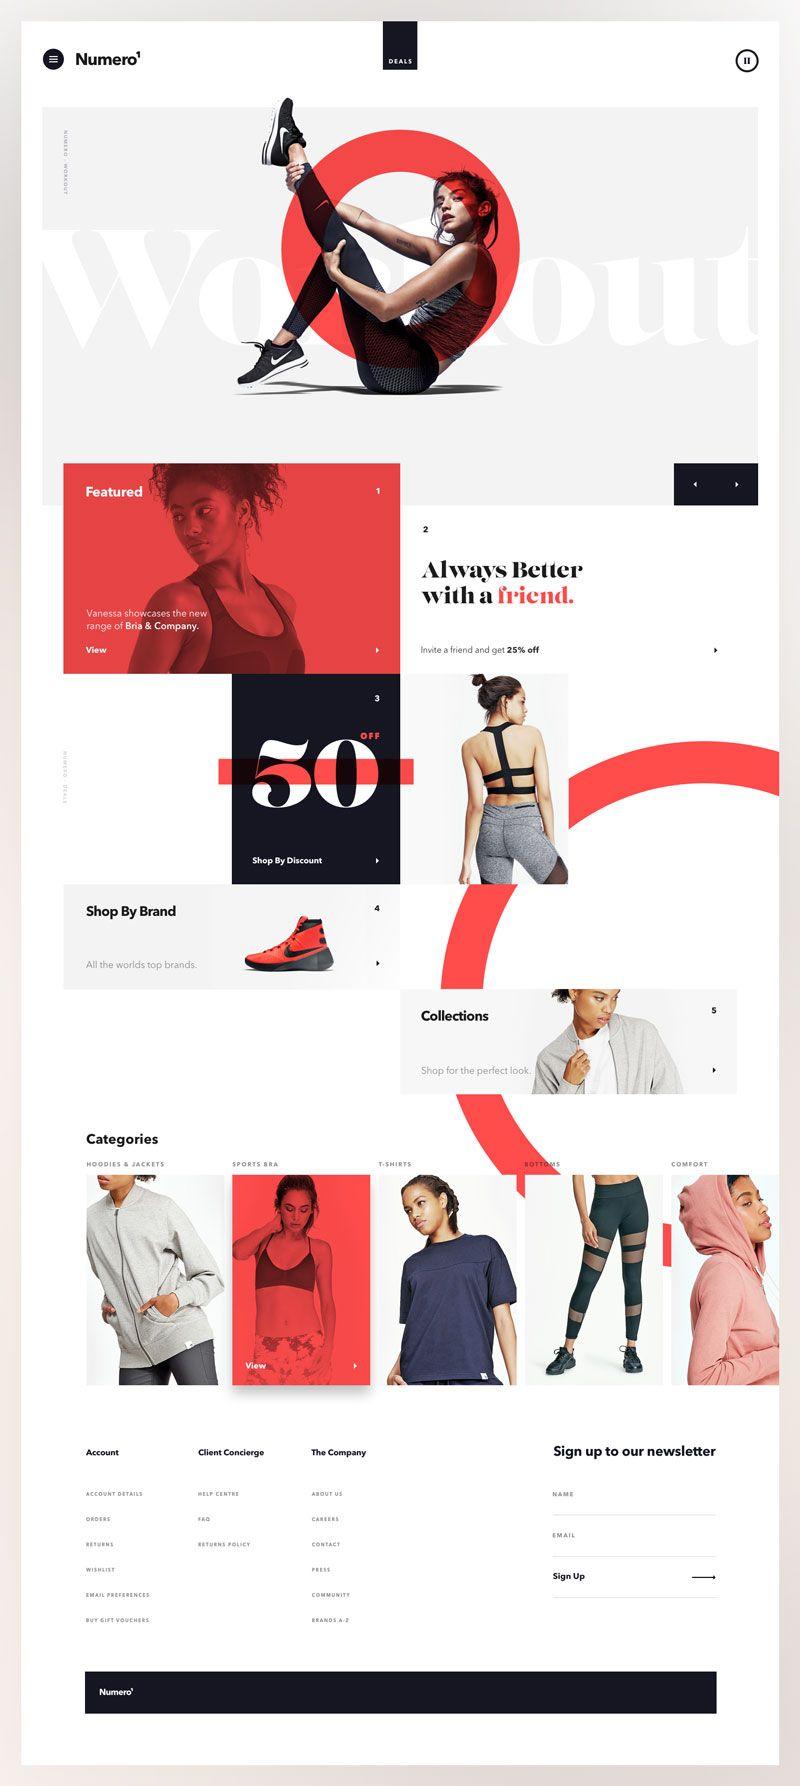 Best Website Design Inspiration For Products Fun Website Design Website Design Layout Web Layout Design